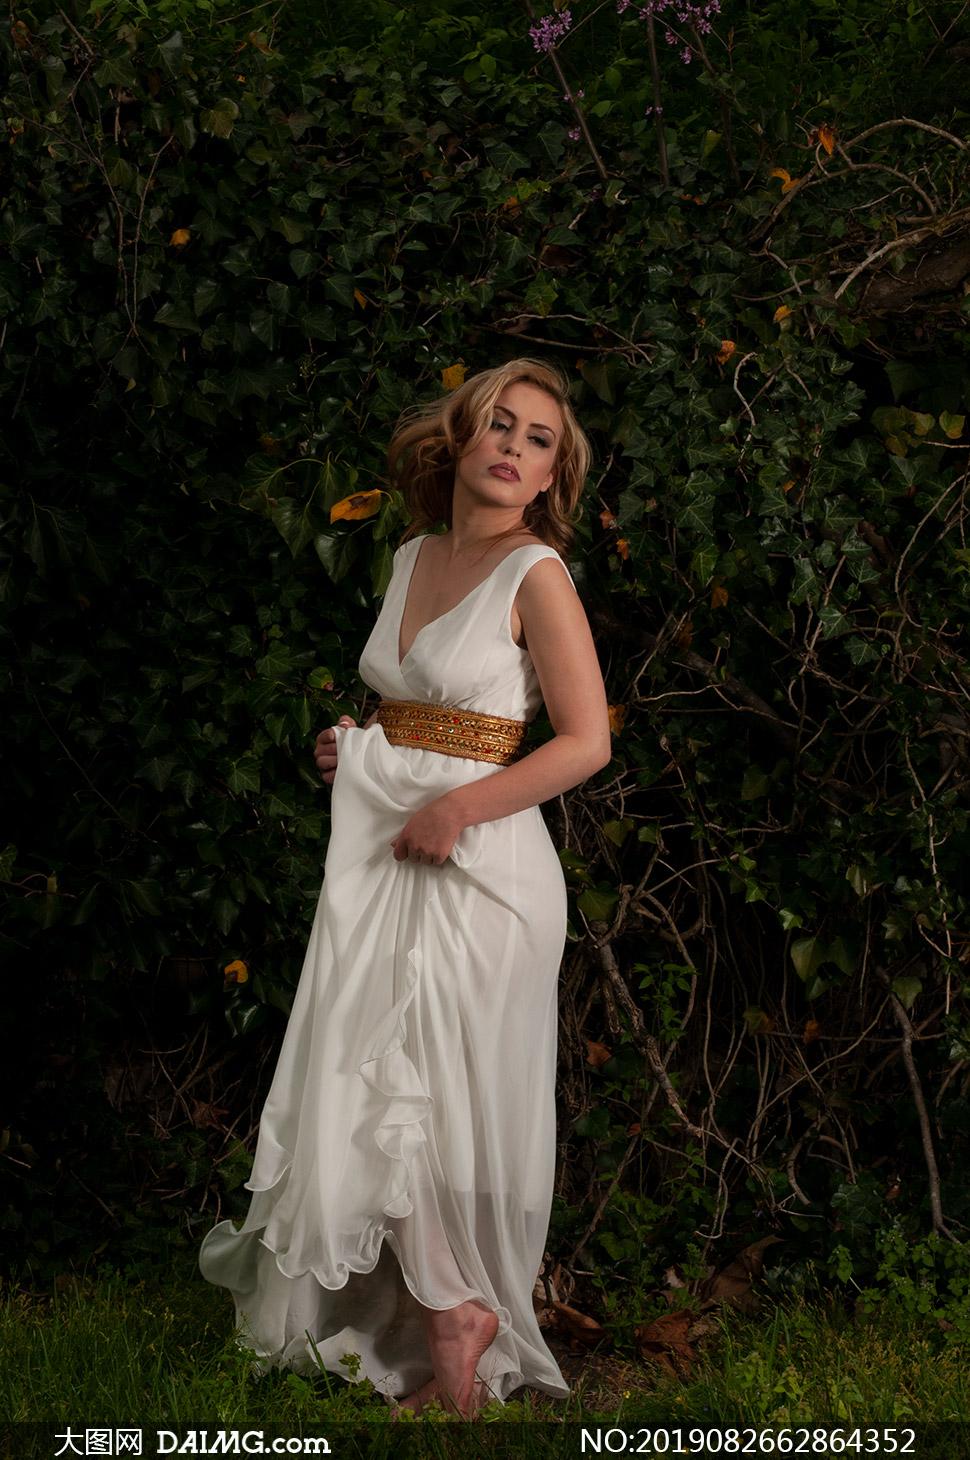 一袭白色长裙卷发美女摄影原片素材